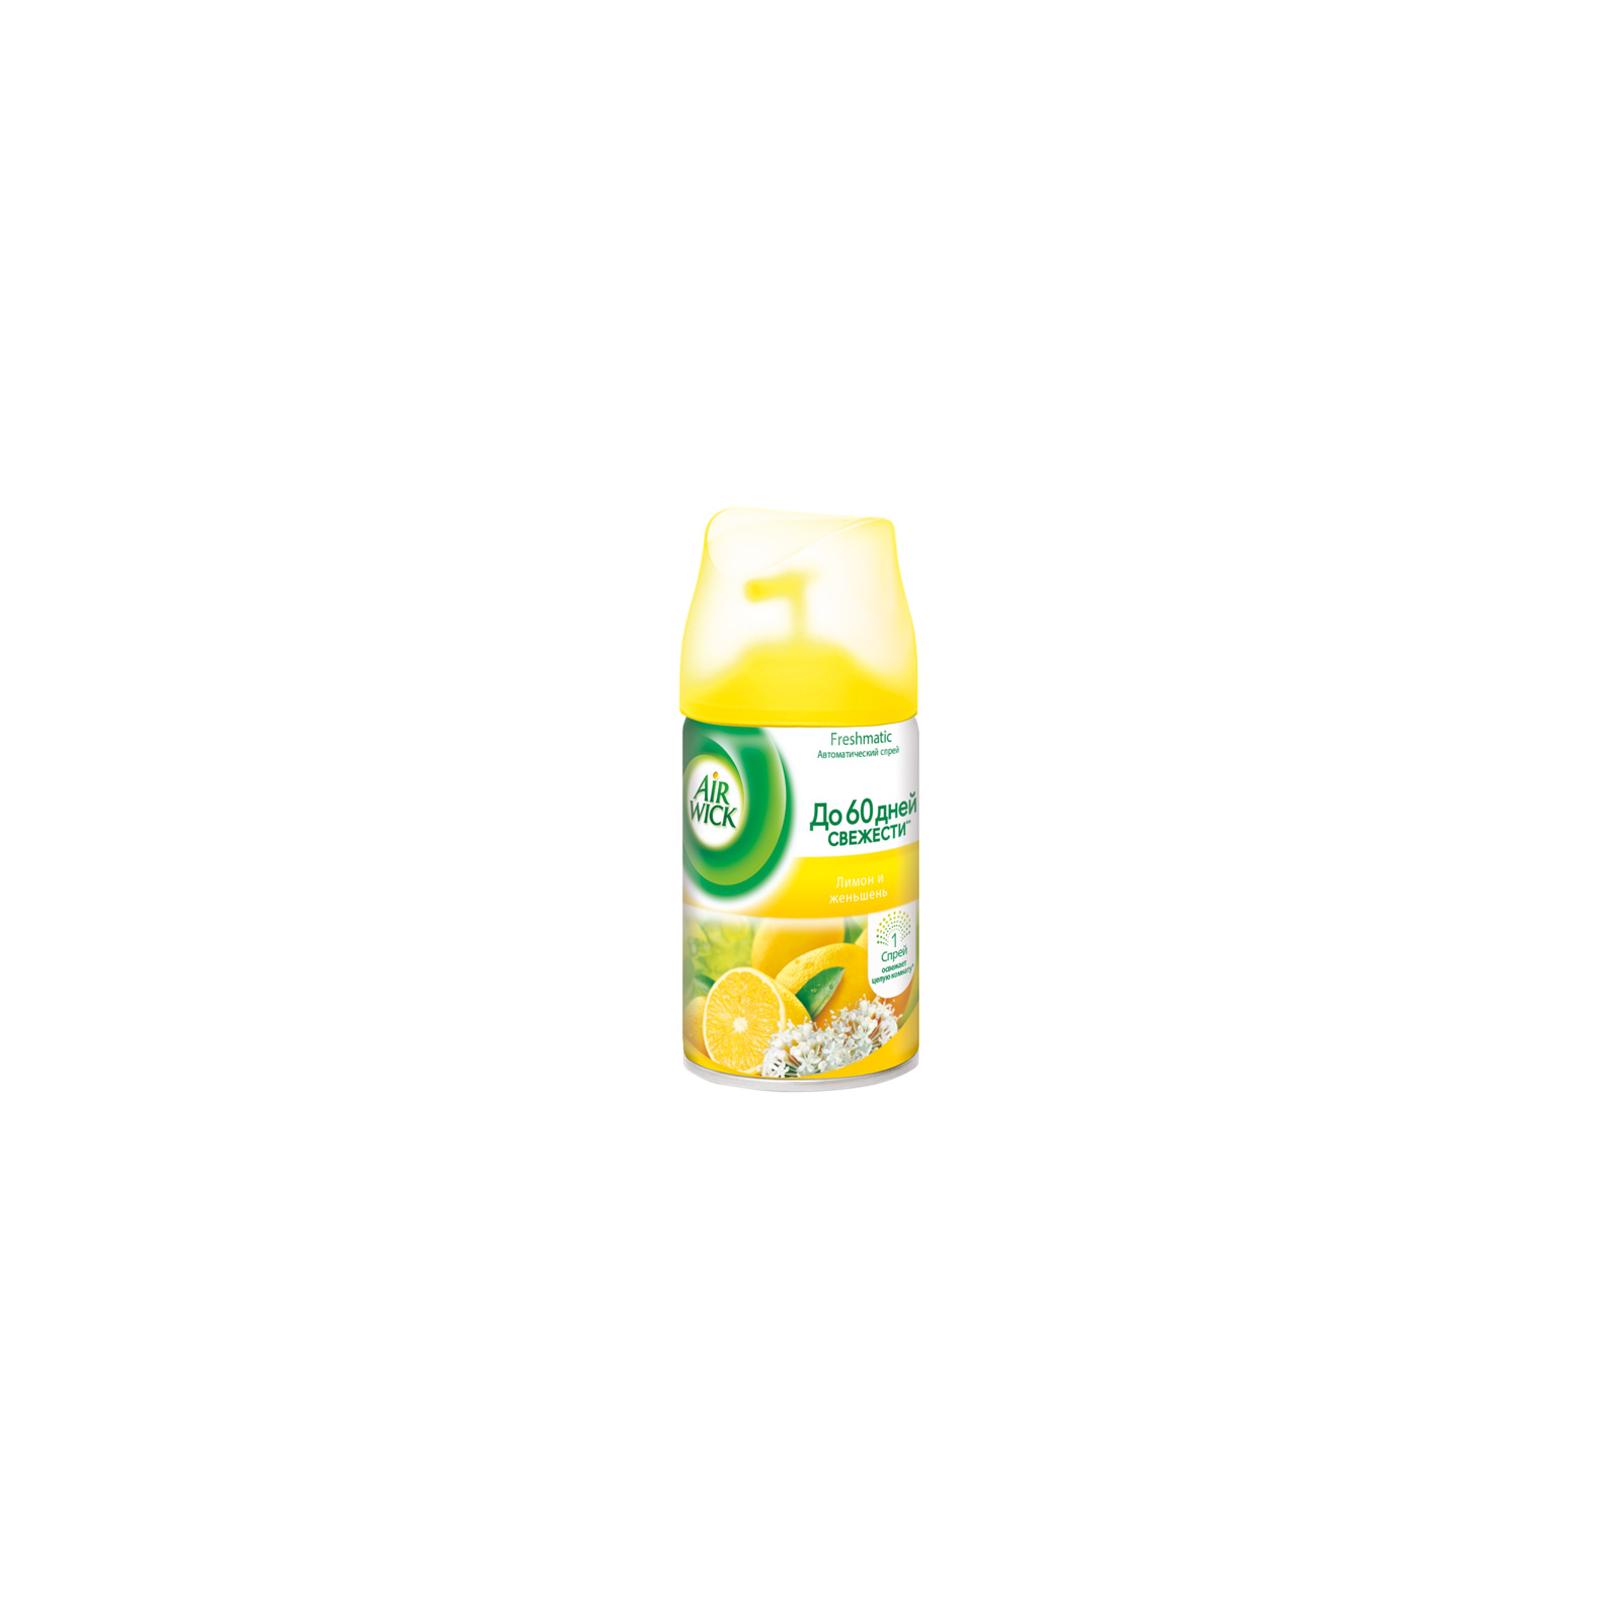 Освежитель воздуха Air Wick Лимон и женьшень 250 мл (4607109402191)